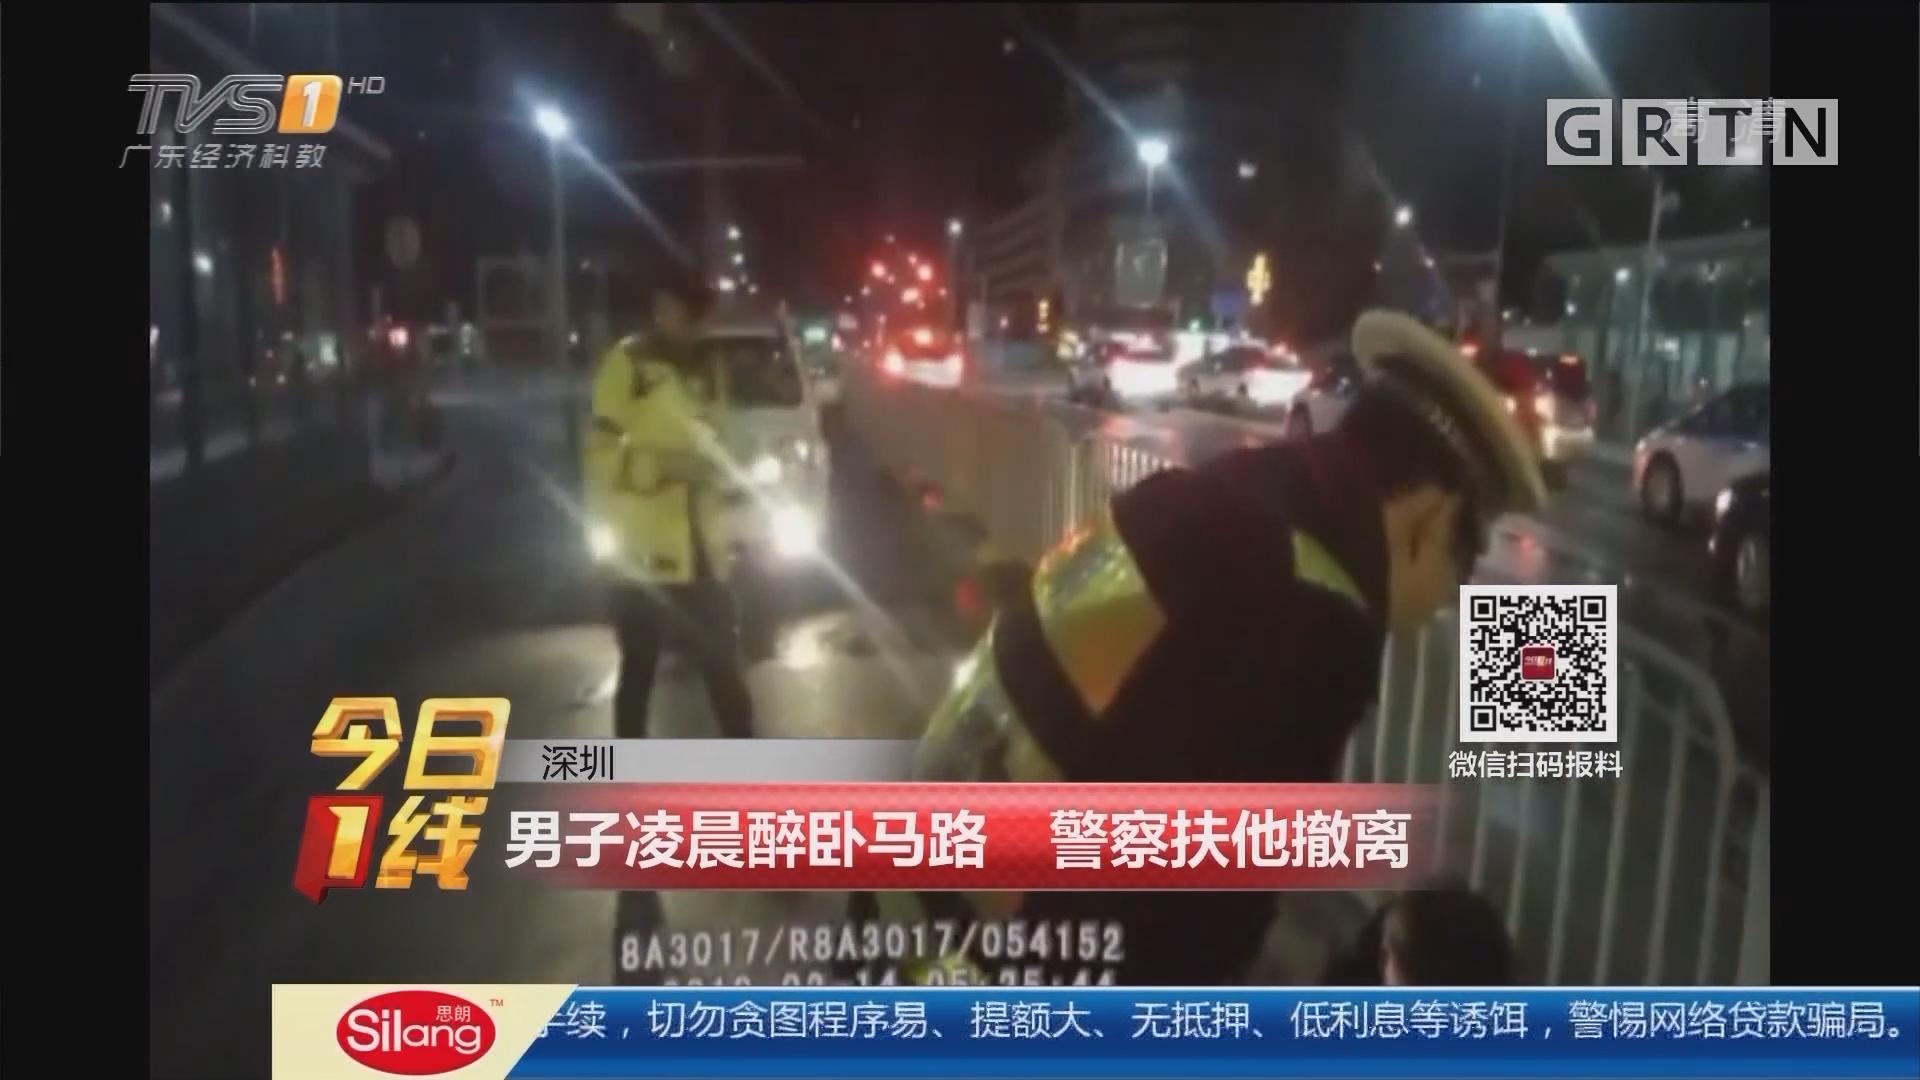 深圳:男子凌晨醉卧马路 警察扶他撤离